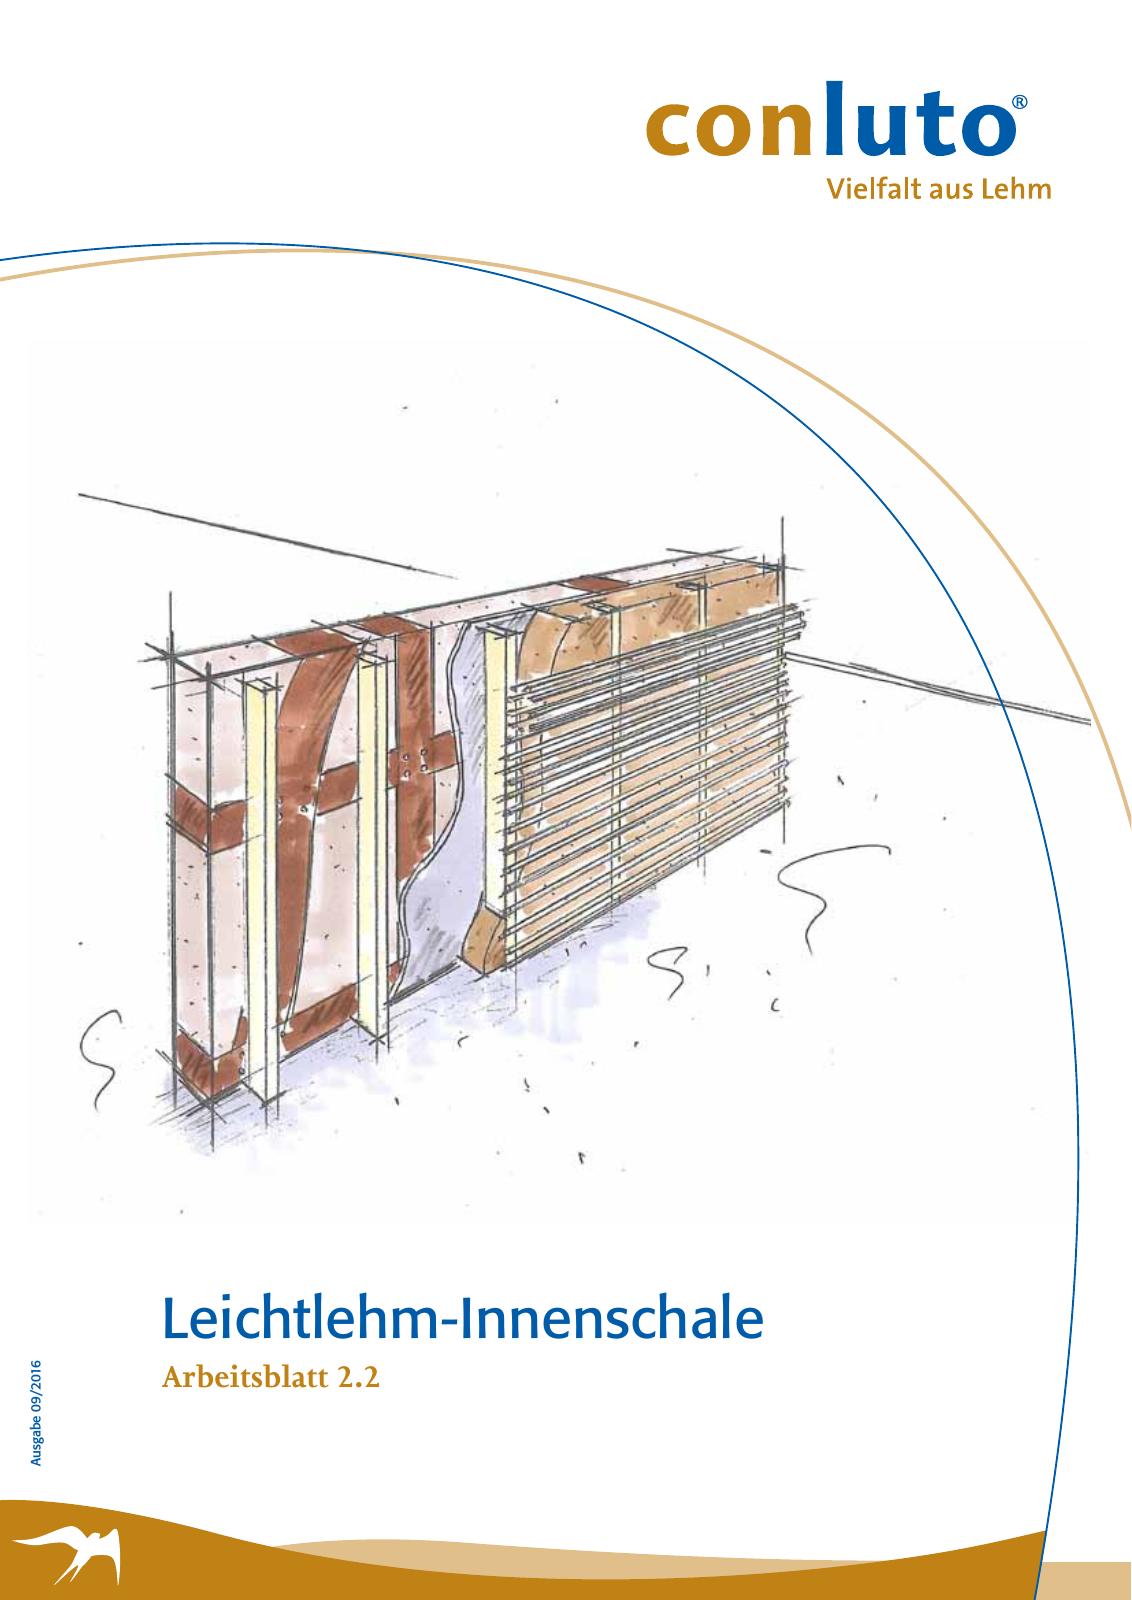 Arbeitsblatt Leichtlehm-Innenschale | Architecture | Pinterest ...